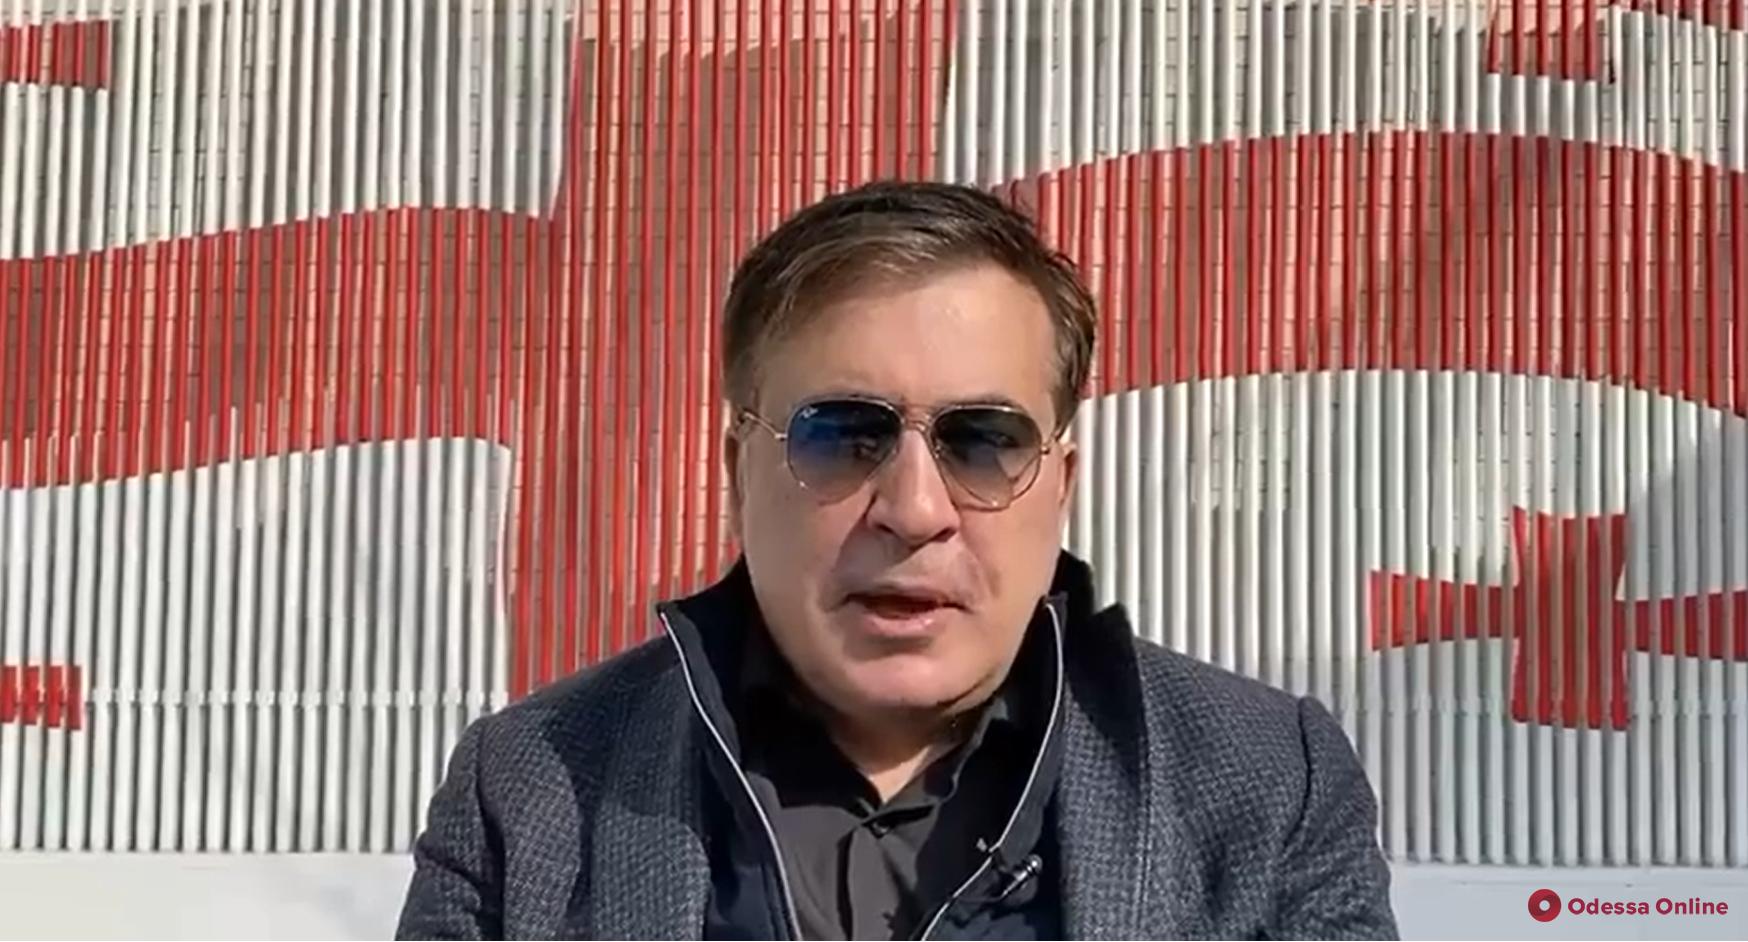 Михаил Саакашвили заявил о возвращении в Грузию, где он осужден на шесть лет тюрьмы